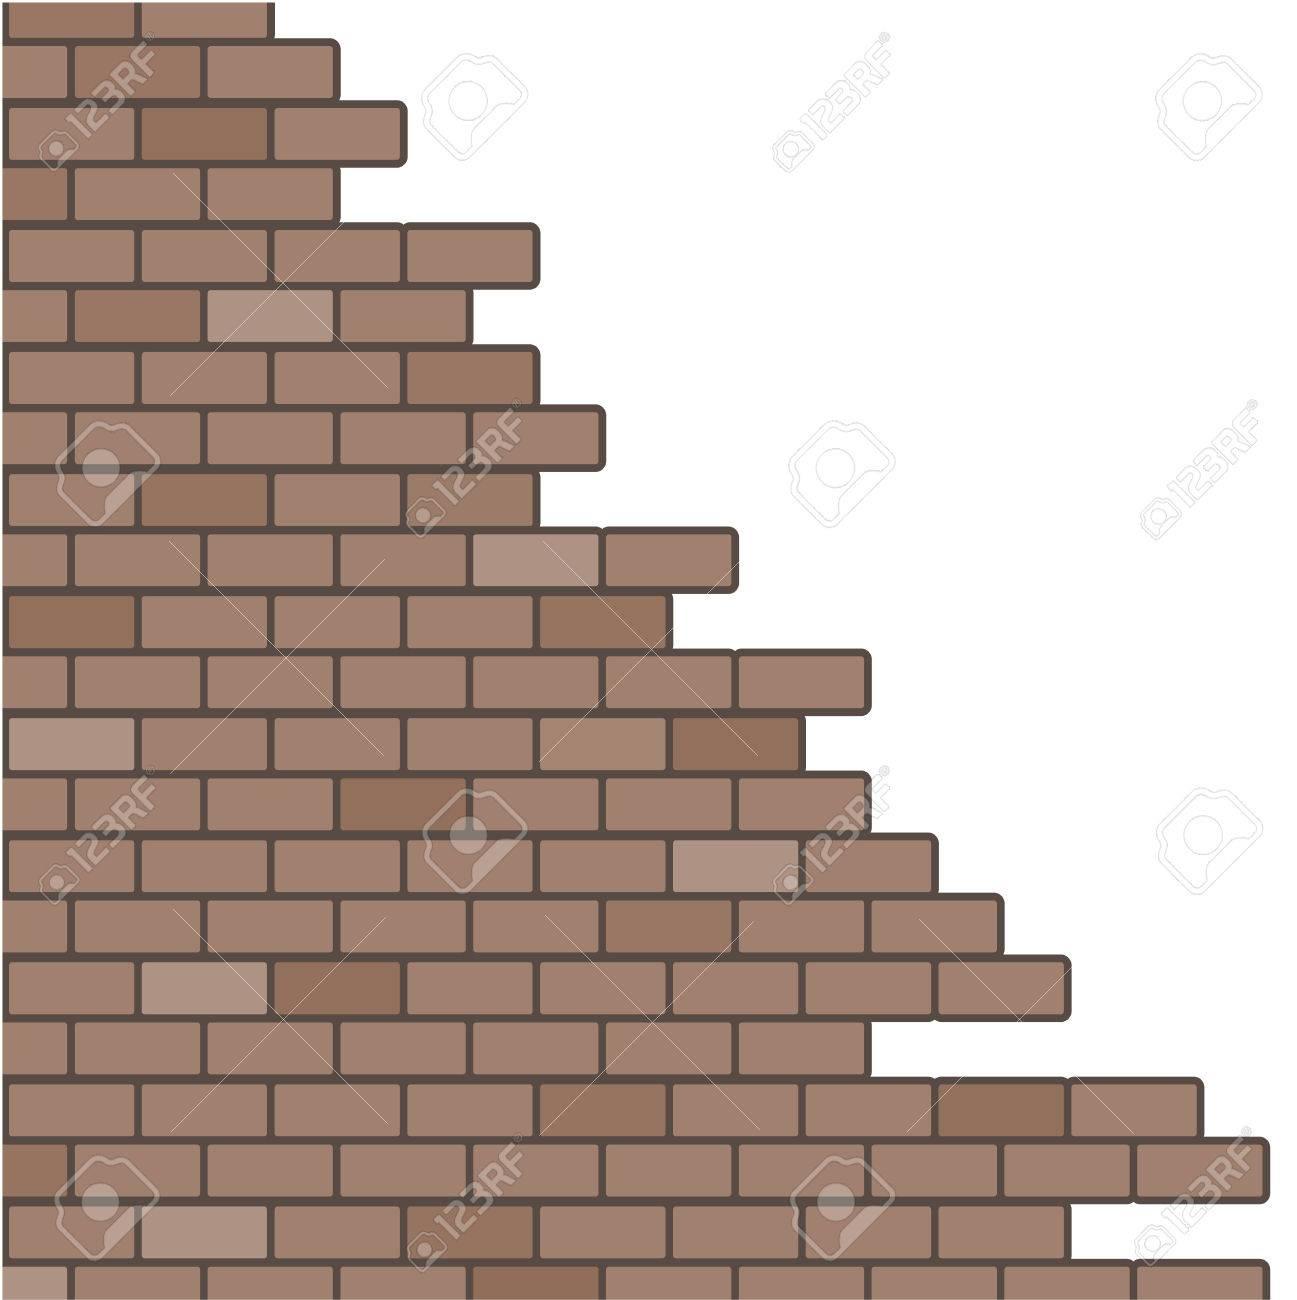 Broken Brick Wall Background Stock Vector